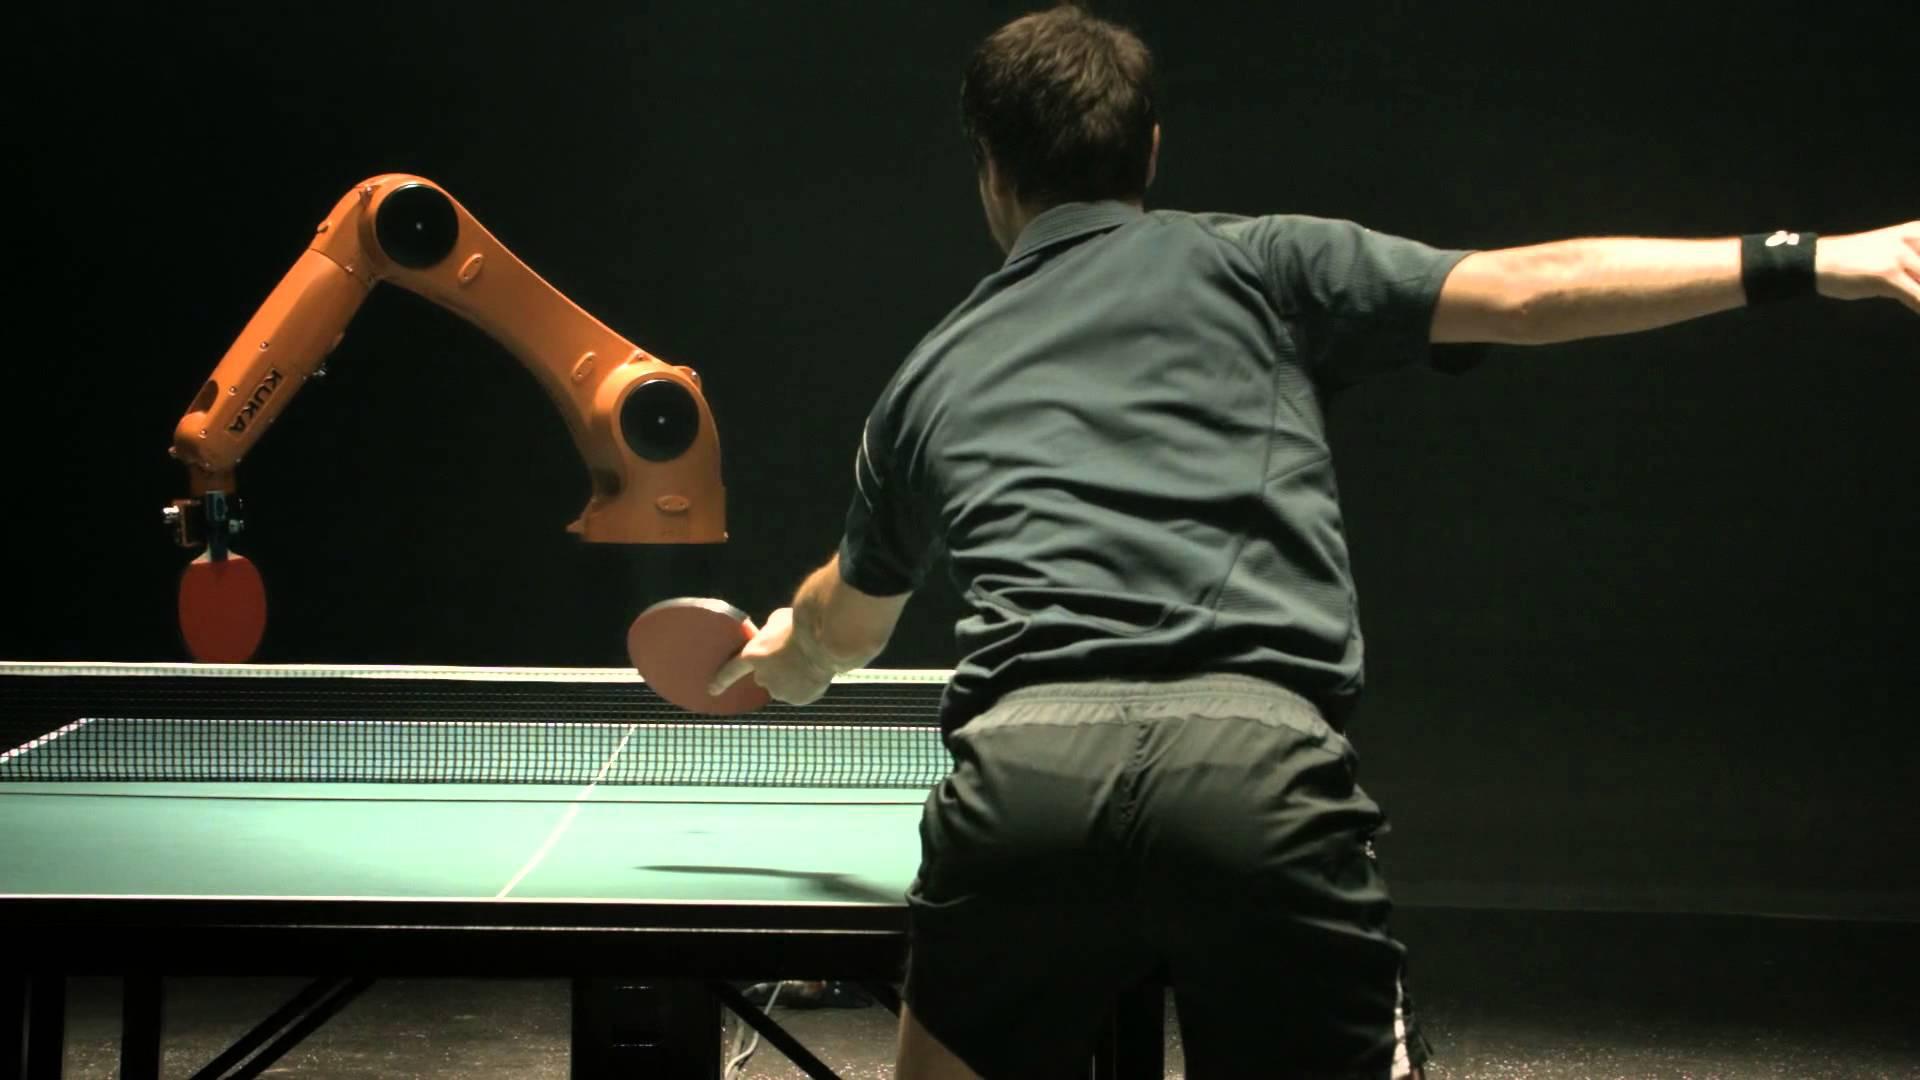 Quem ganha a partida de ping pong: o humano ou o robô?